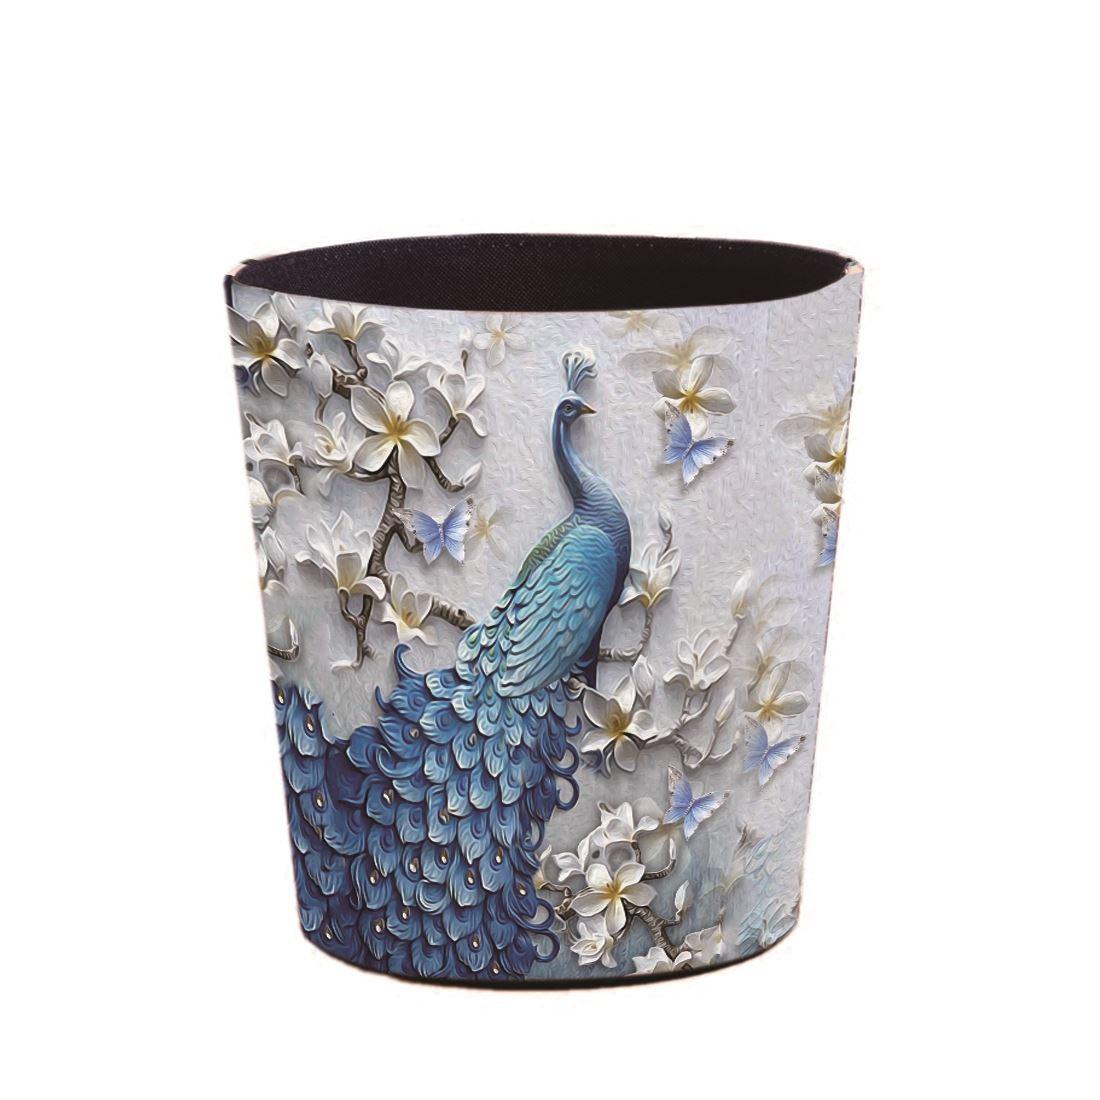 5.5L/7L/10L su geçirmez deri çöp kutusu çöp konteyneri çöp kutusu çöp kovası ofis kağıdı sepeti ev mavi tavuskuşu